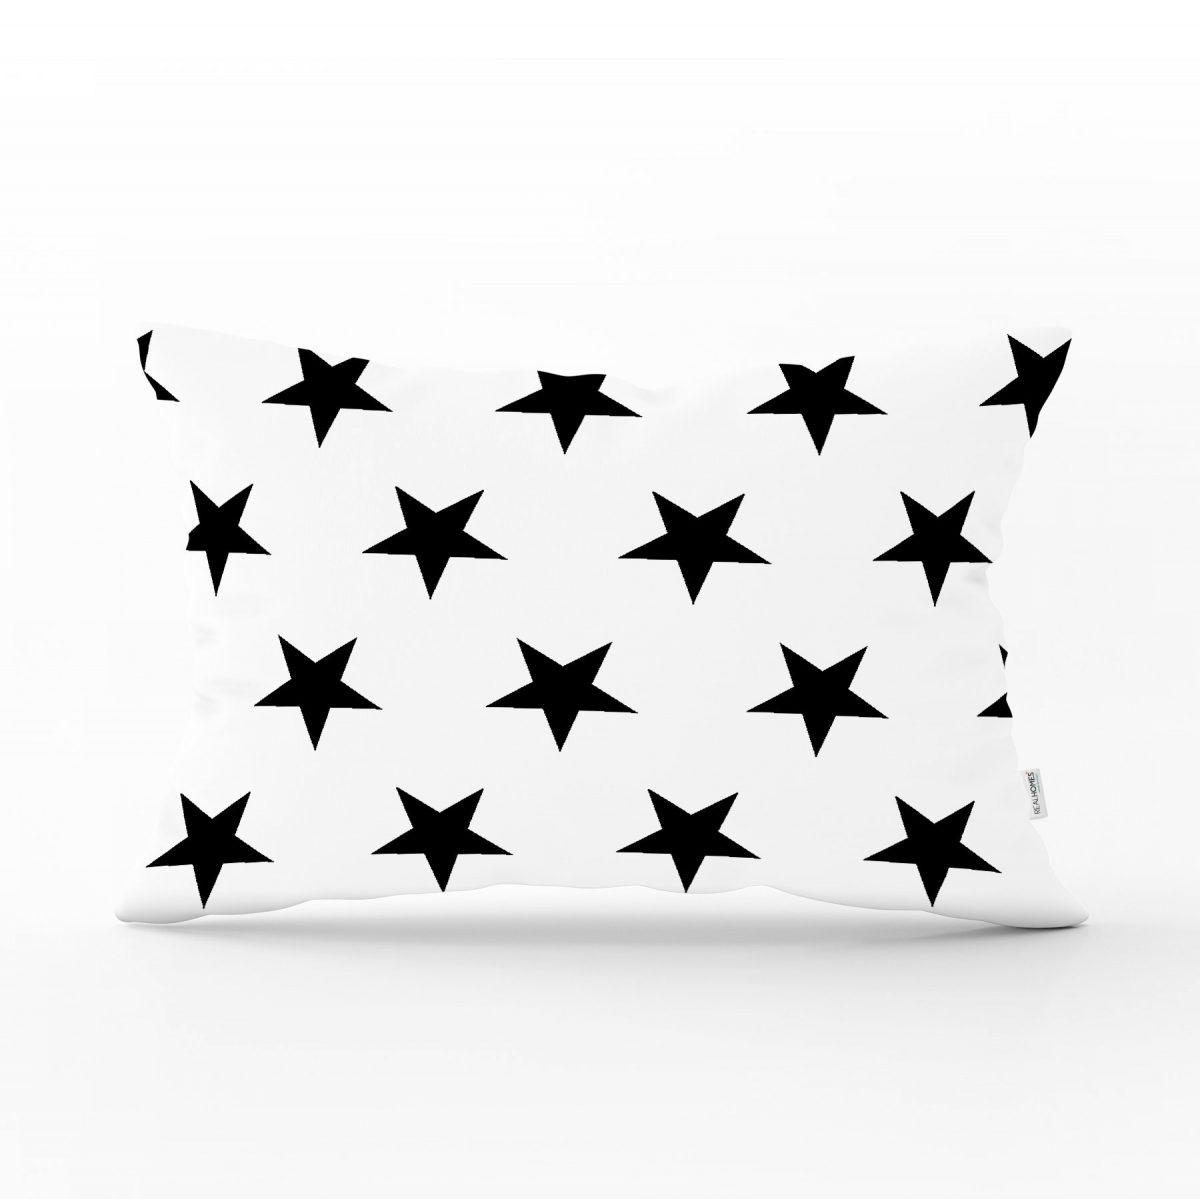 Modern Yıldız Desenli Dijital Baskılı Dekoratif Dikdörtgen Yastık Kırlent Kılıfı Realhomes